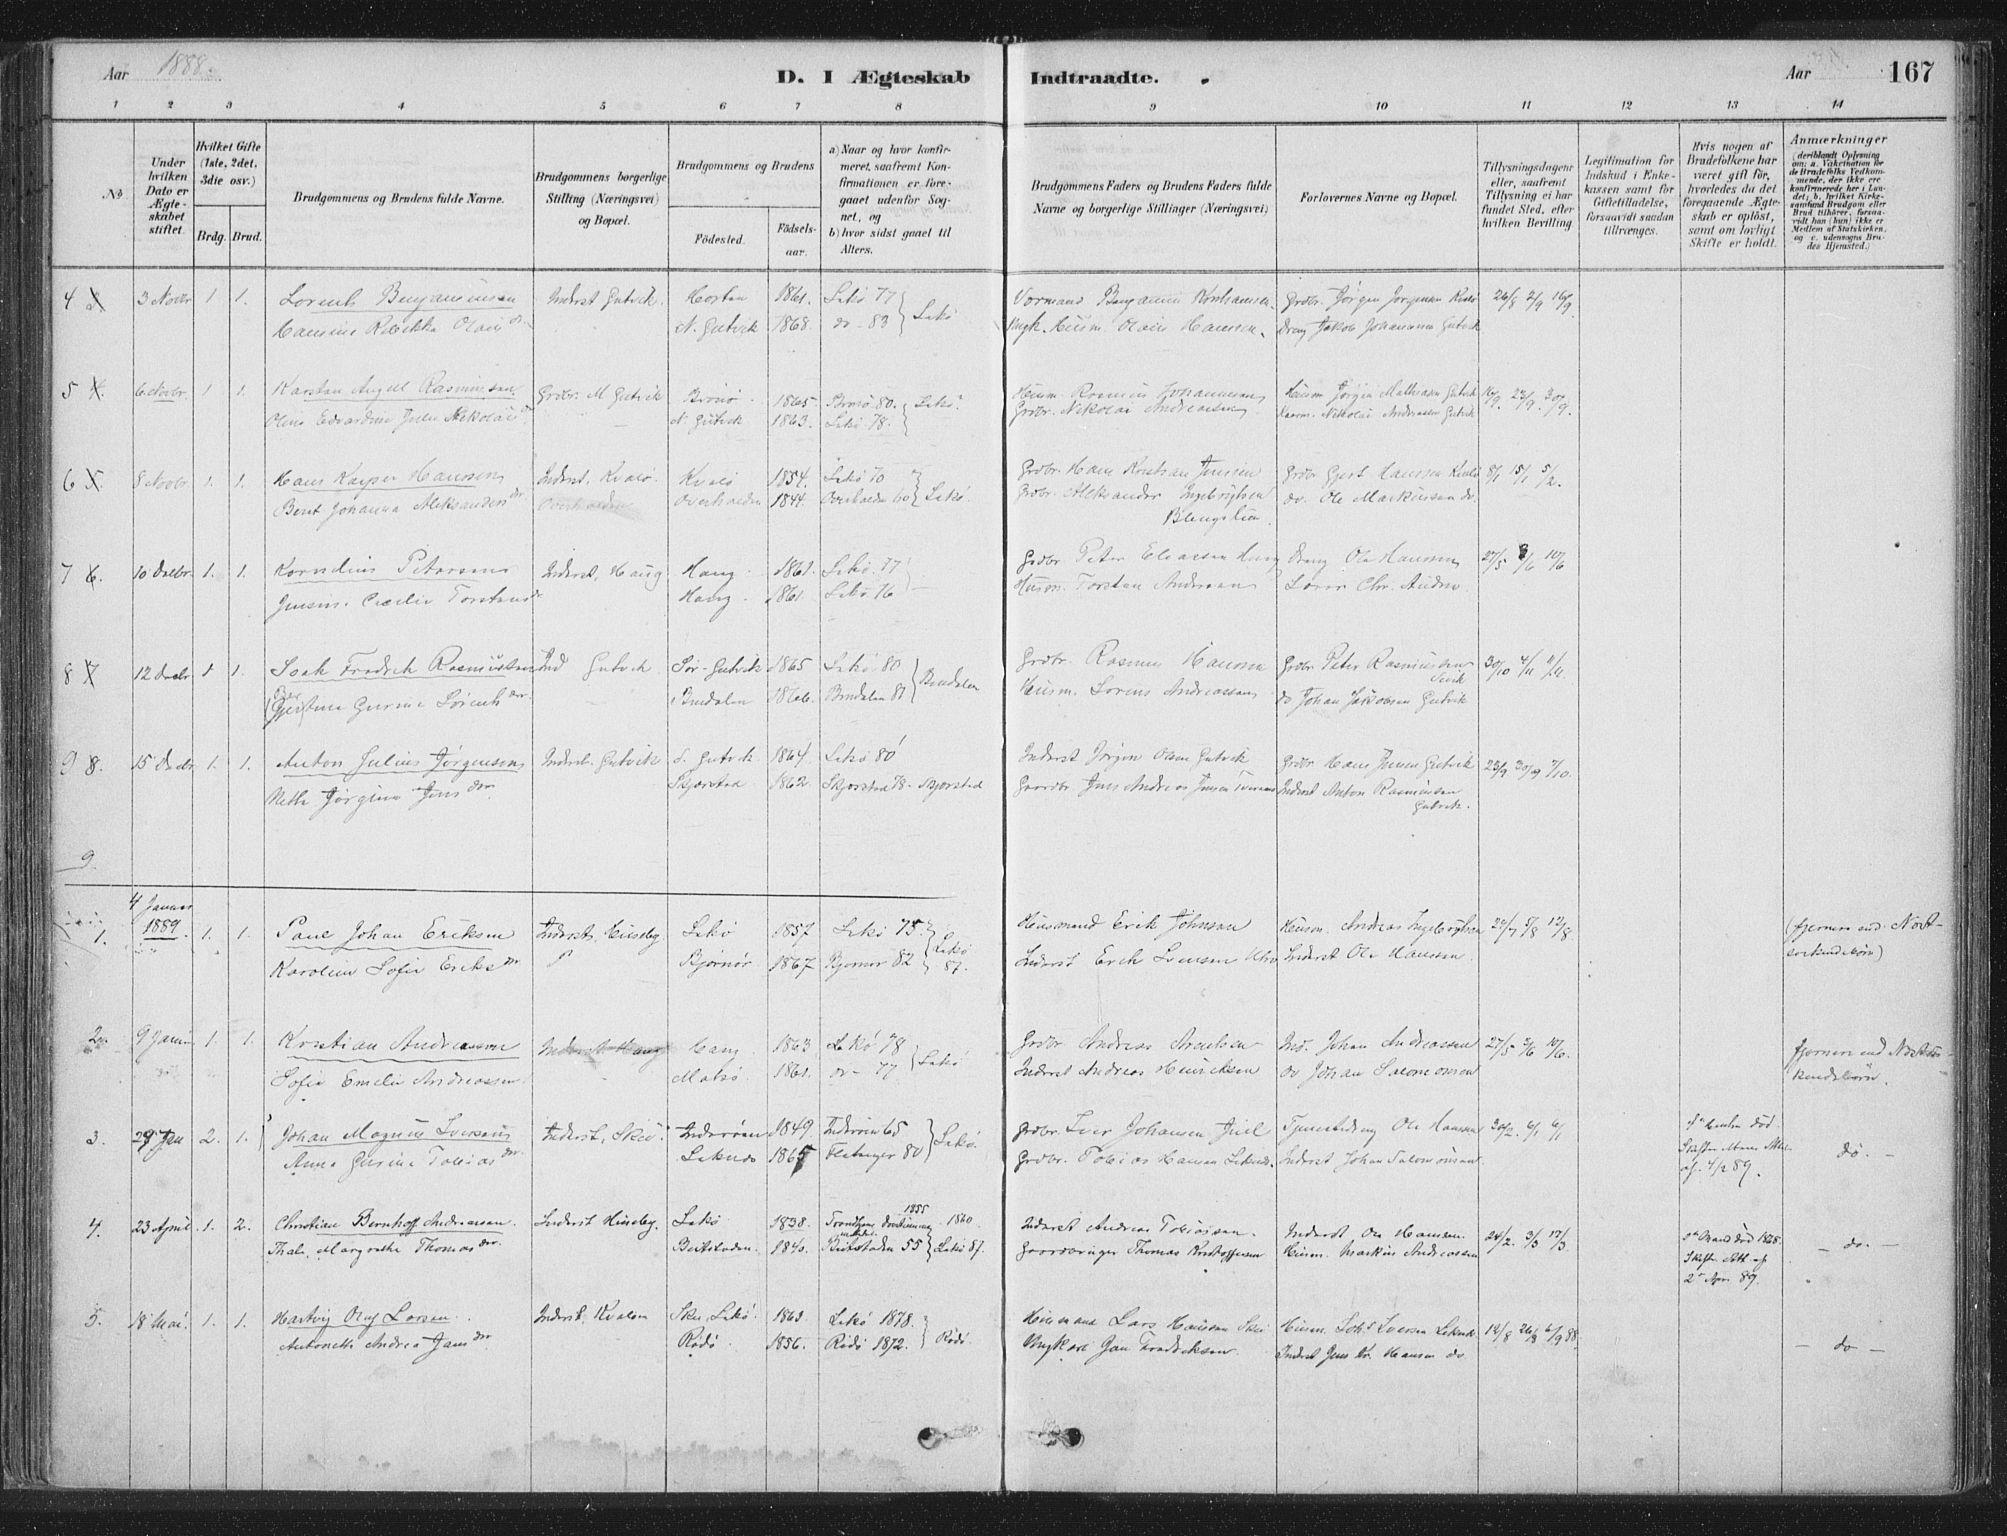 SAT, Ministerialprotokoller, klokkerbøker og fødselsregistre - Nord-Trøndelag, 788/L0697: Ministerialbok nr. 788A04, 1878-1902, s. 167